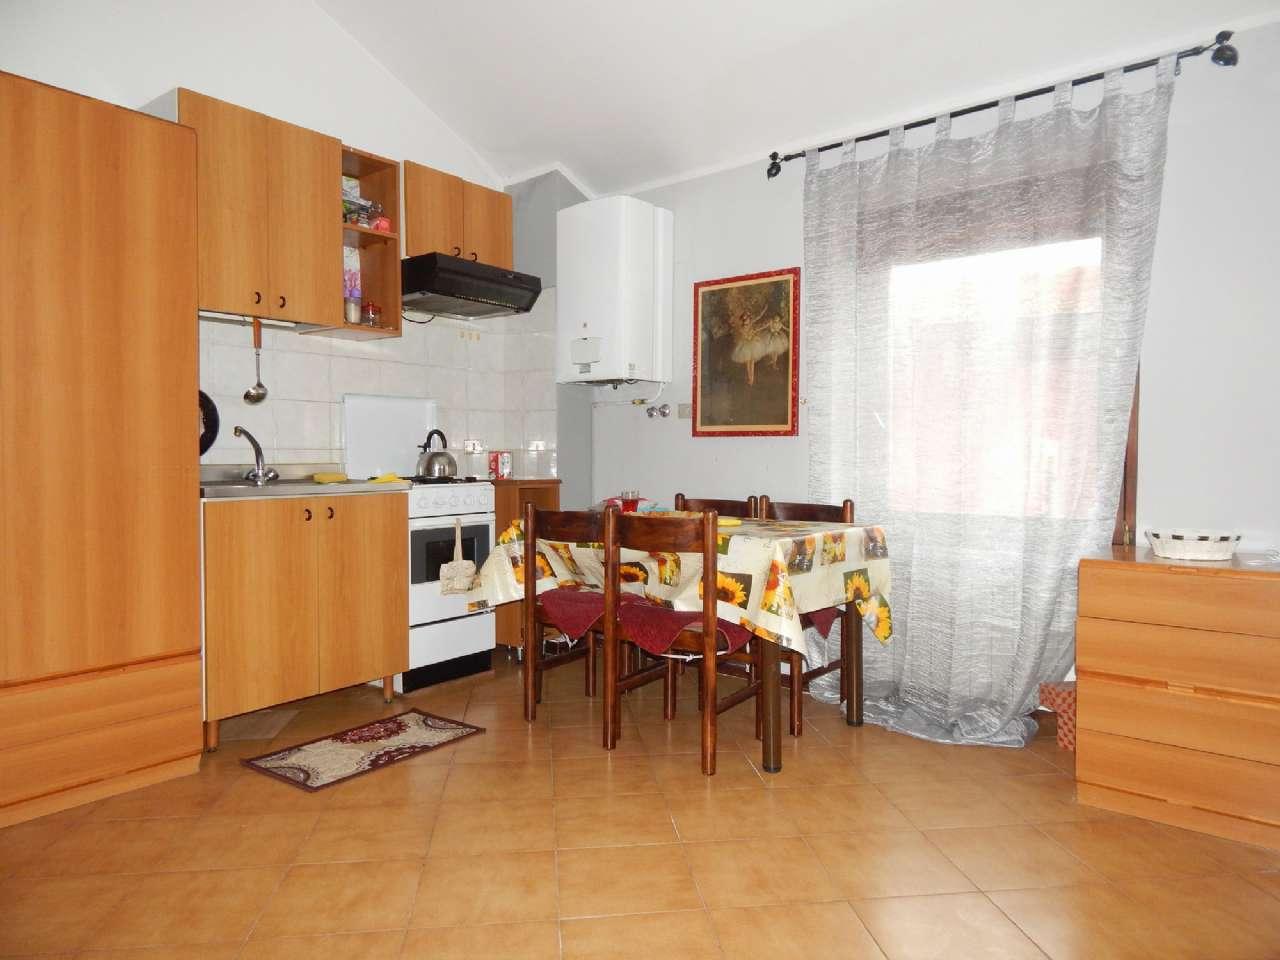 Appartamento in affitto a Treviglio, 1 locali, prezzo € 300   CambioCasa.it